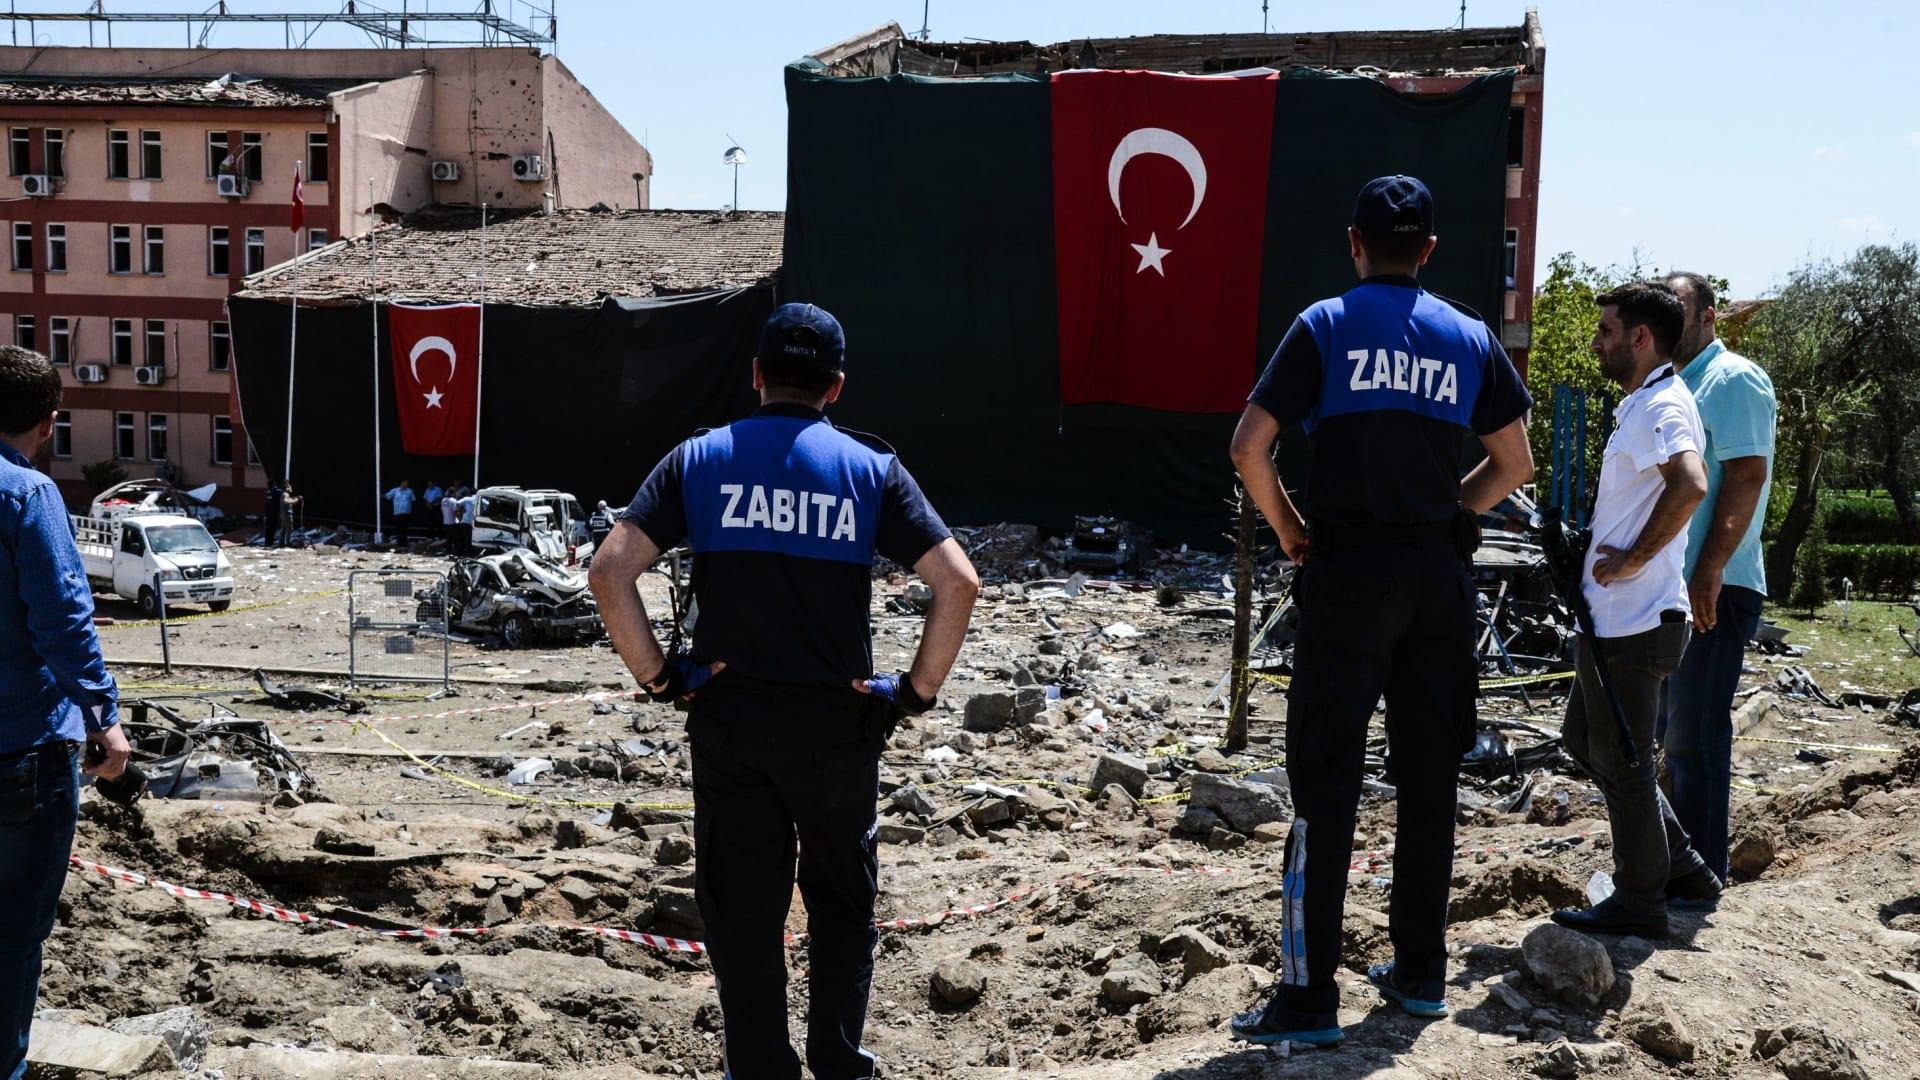 مئات القتلى والجرحى.. الجدول الزمني لعام تركيا الدموي